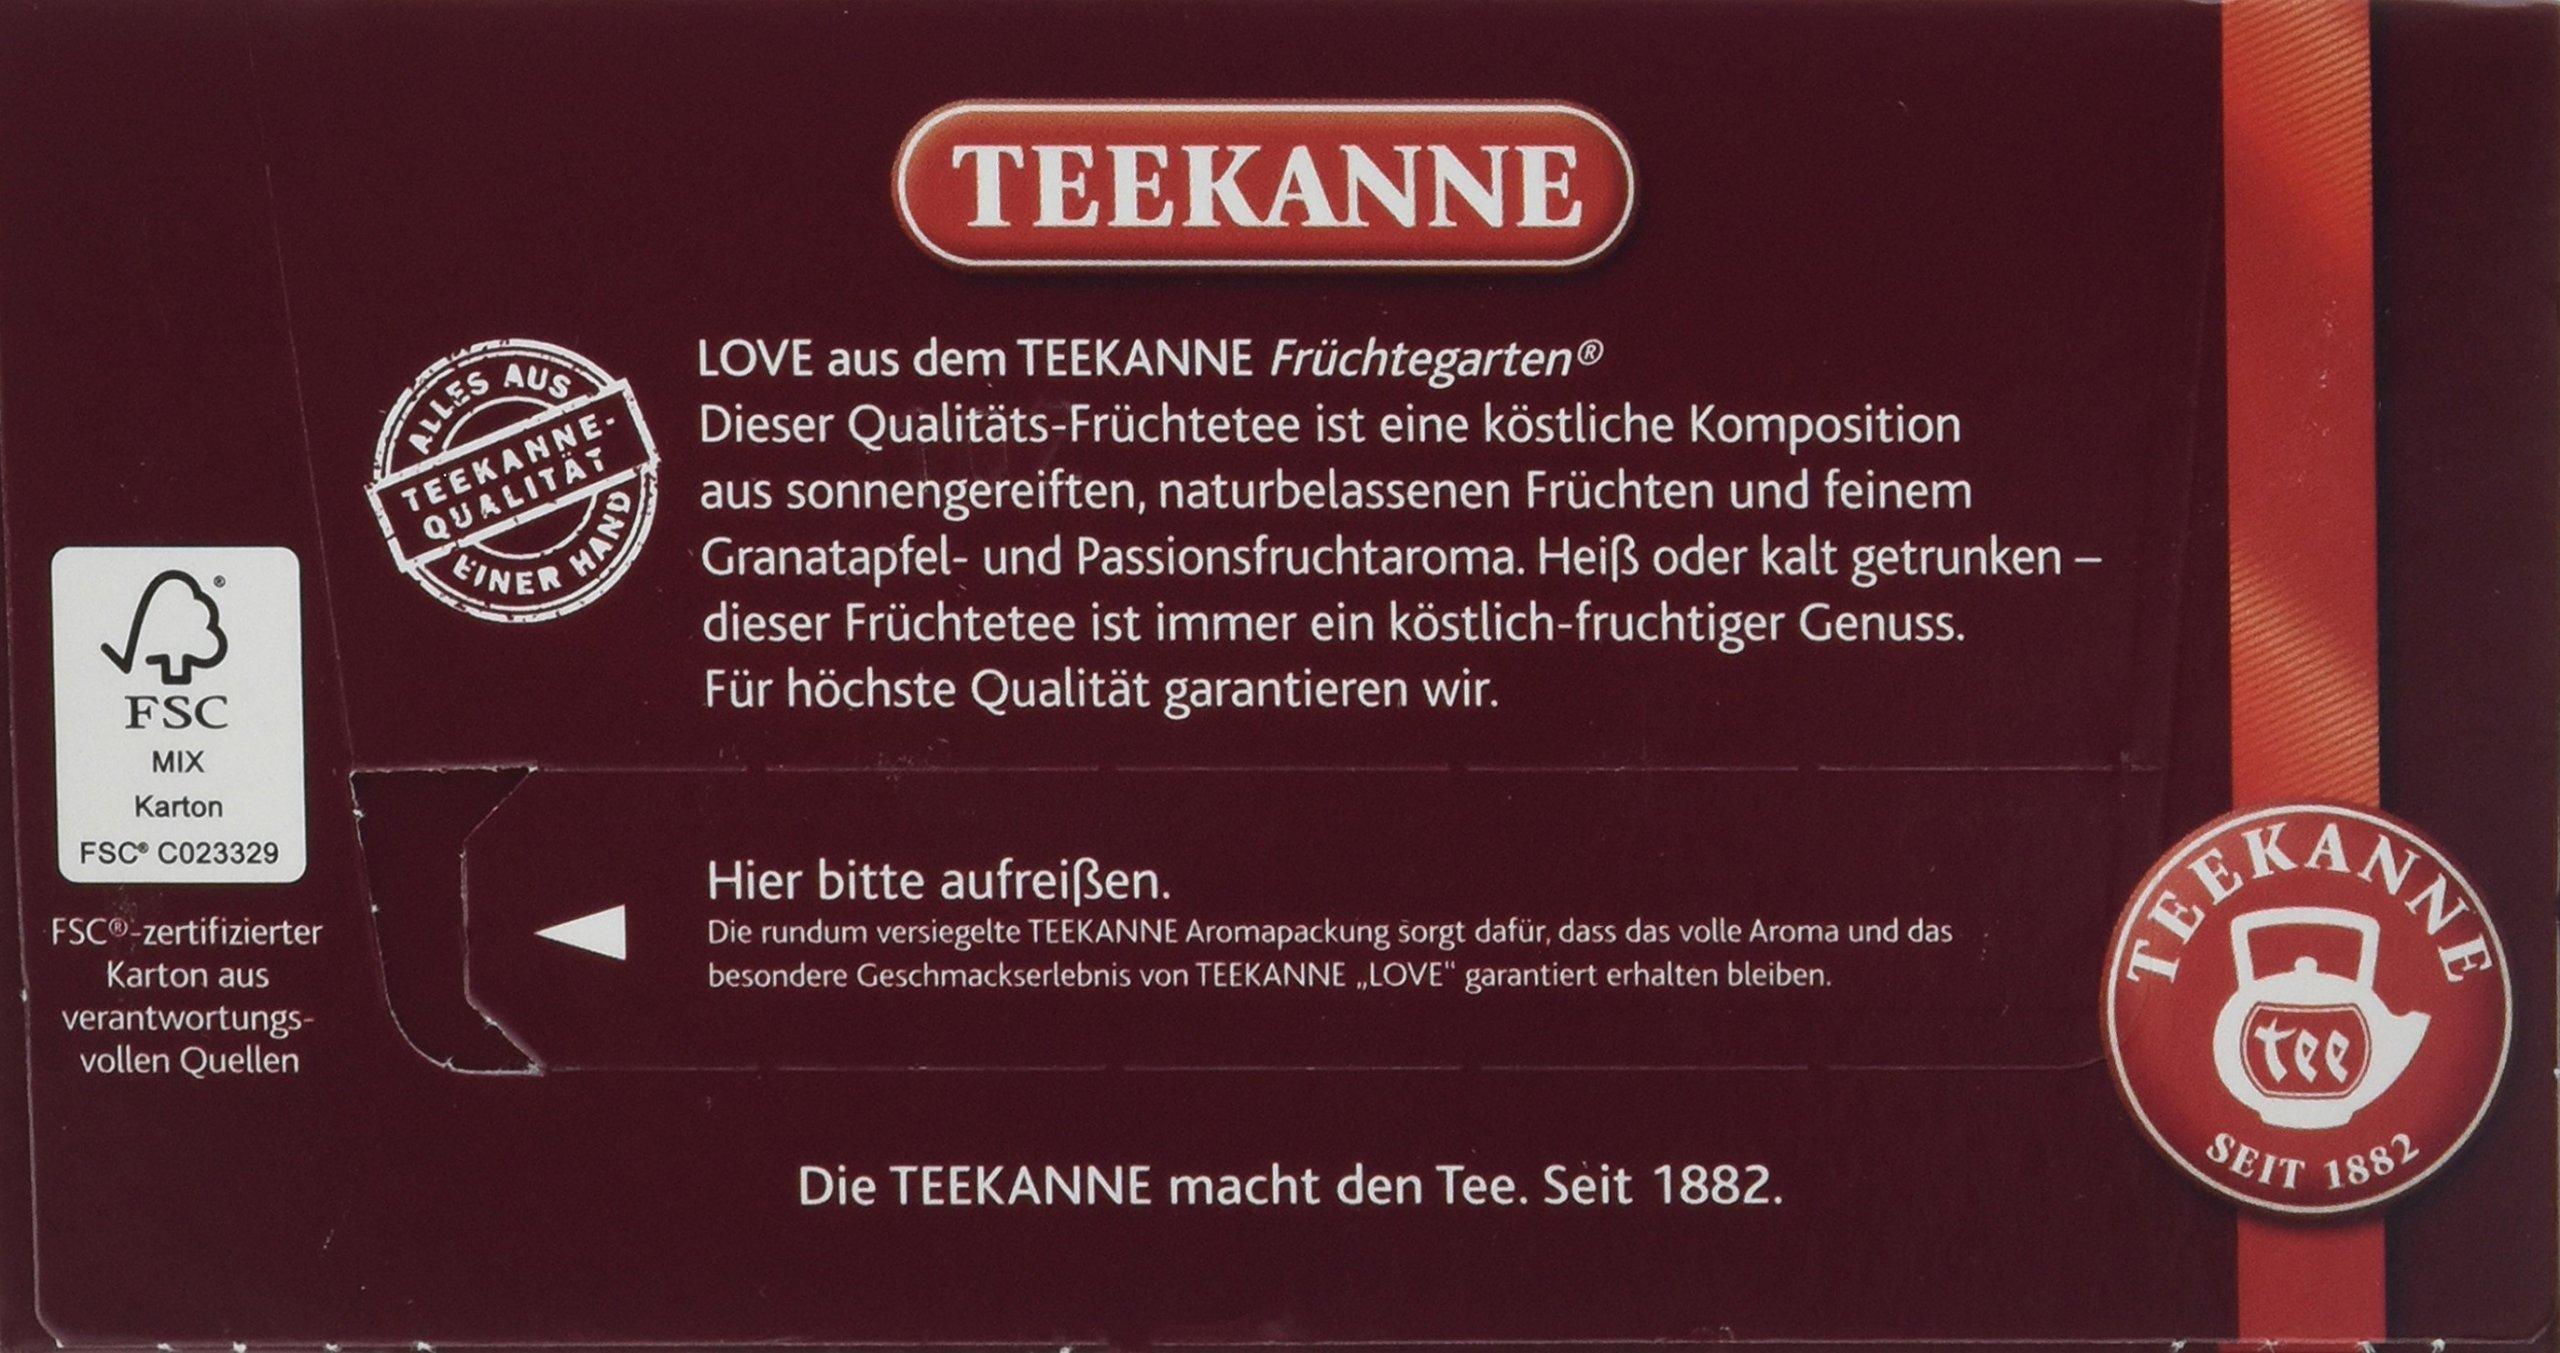 Teekanne-sterreich-Frchtegarten-Love-6er-Pack-6-x-50-g